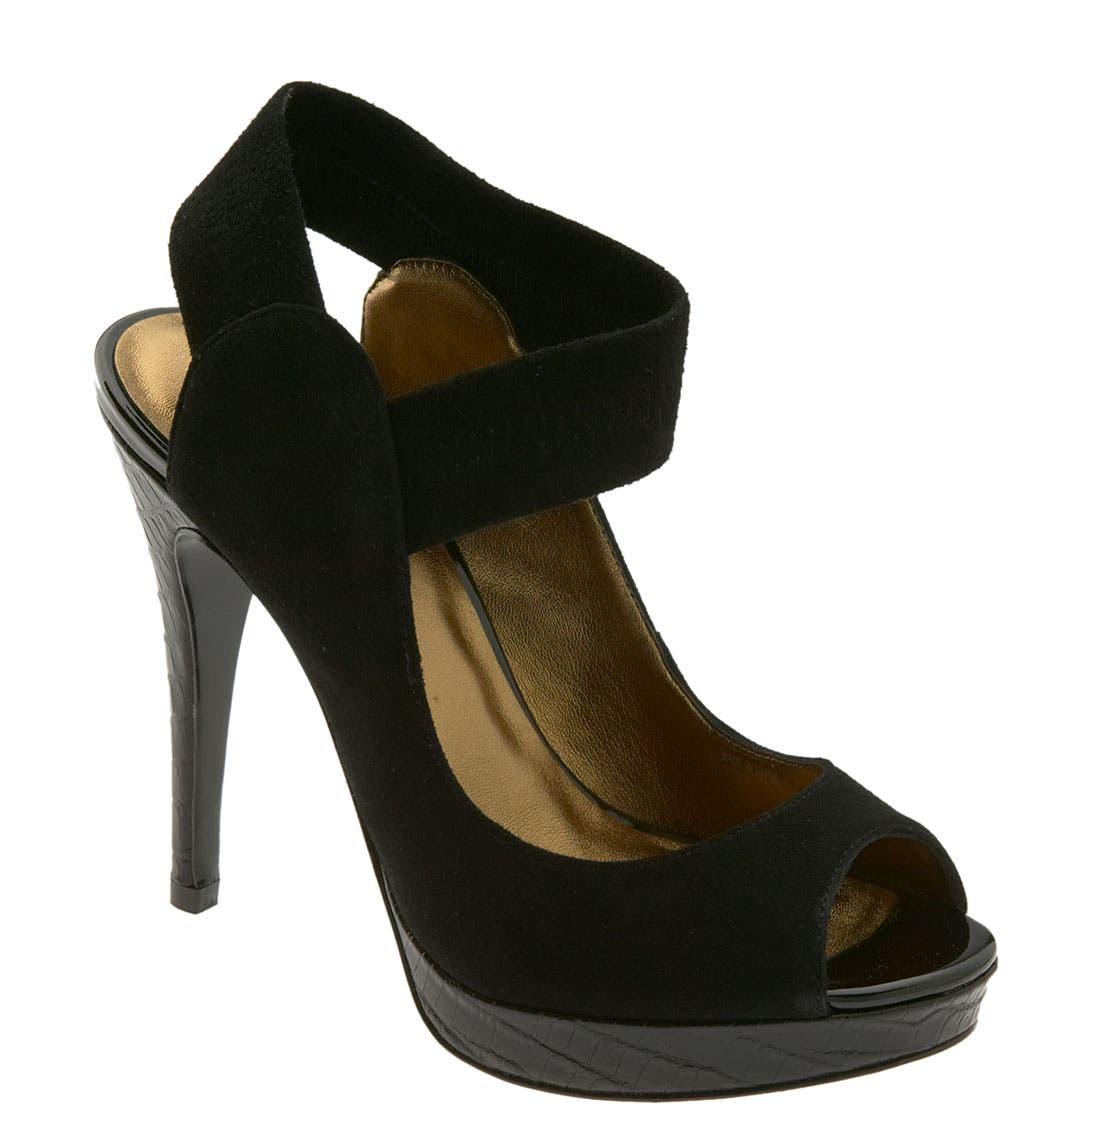 Alternate Image 1 Selected - Pelle Moda 'Issa' Platform Sandal